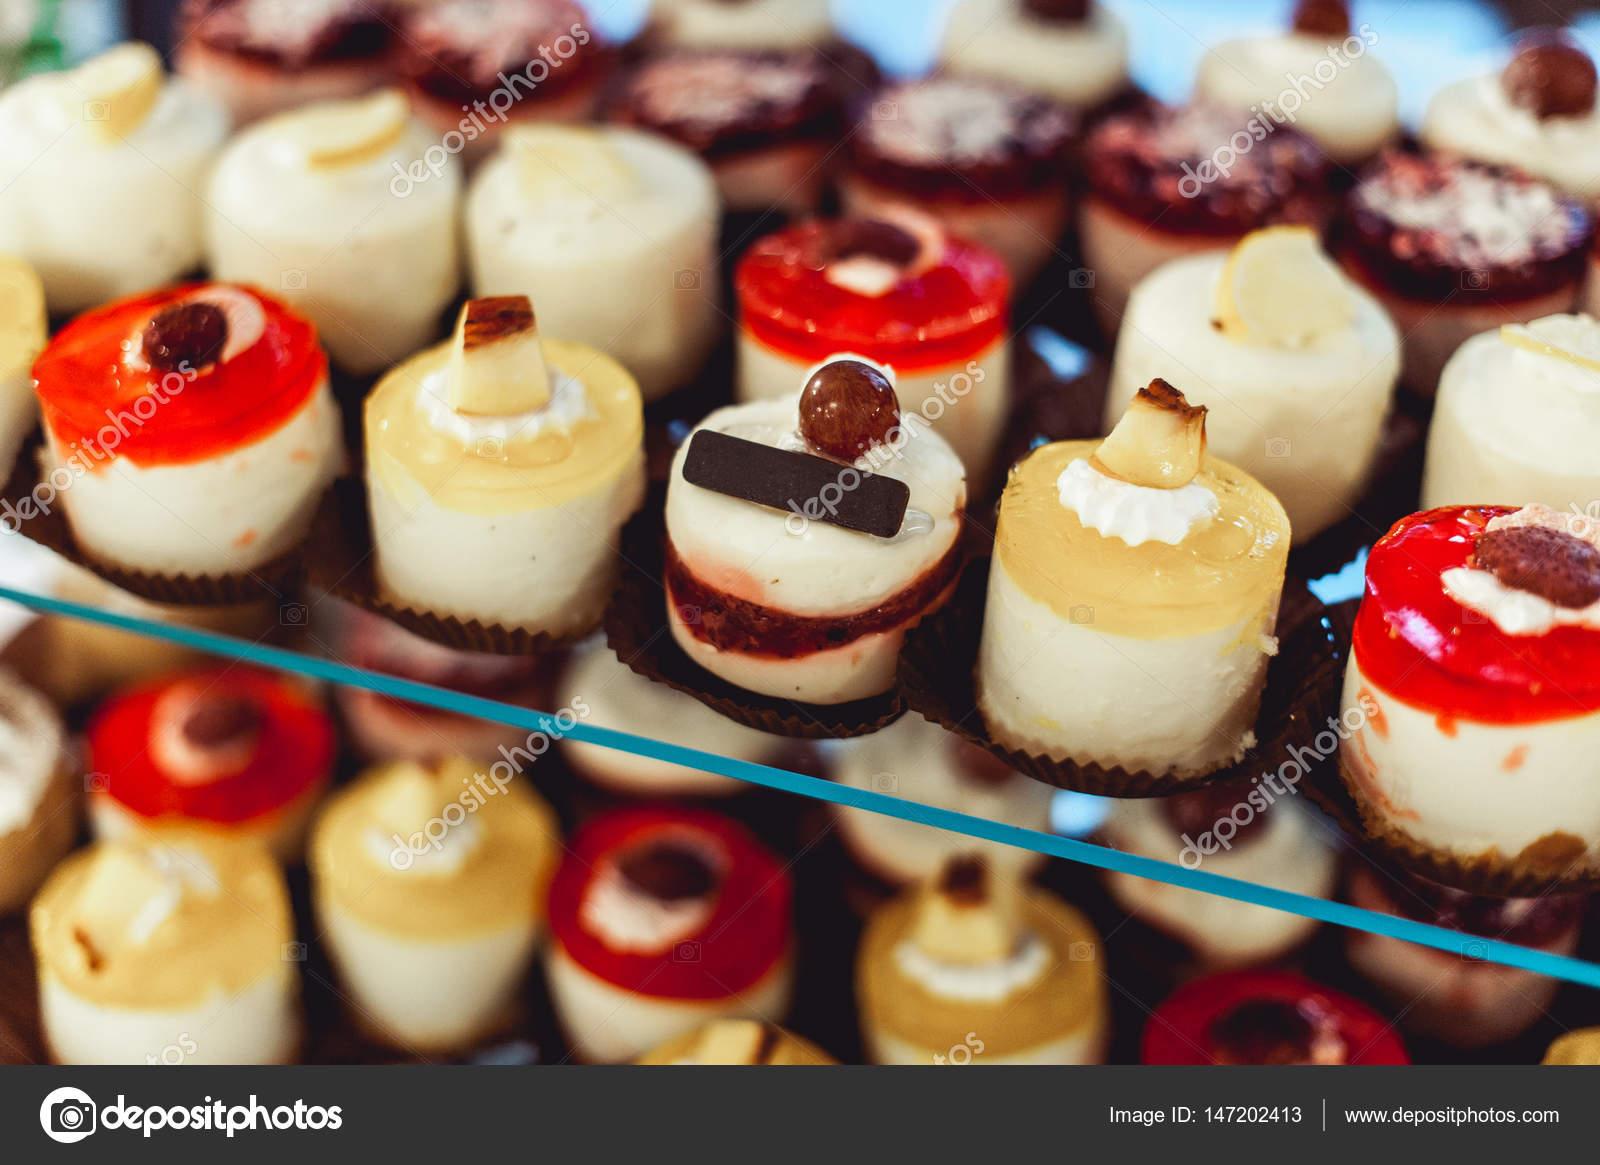 Buffet Di Dolci Mignon : Righe di dolci mignon italiano su un supporto di vetro u2014 foto stock